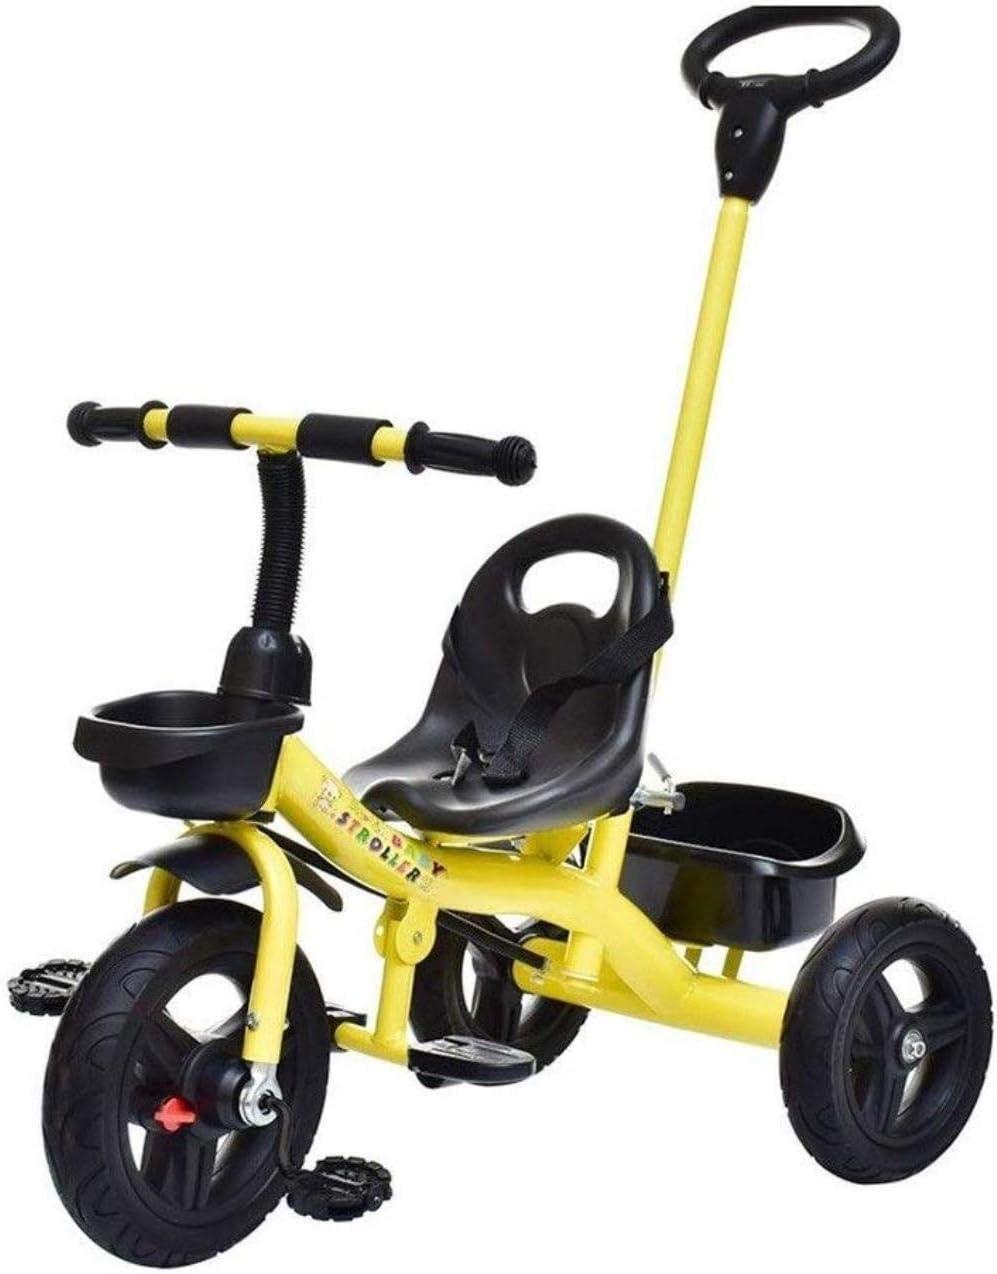 Archivadores Bicicletas for niños pequeños triciclos infantiles for niños pequeños triciclos bicicletas for niños pequeños 2-en-1 Empuje y regalos del paseo del cochecito del triciclo del bebé al aire